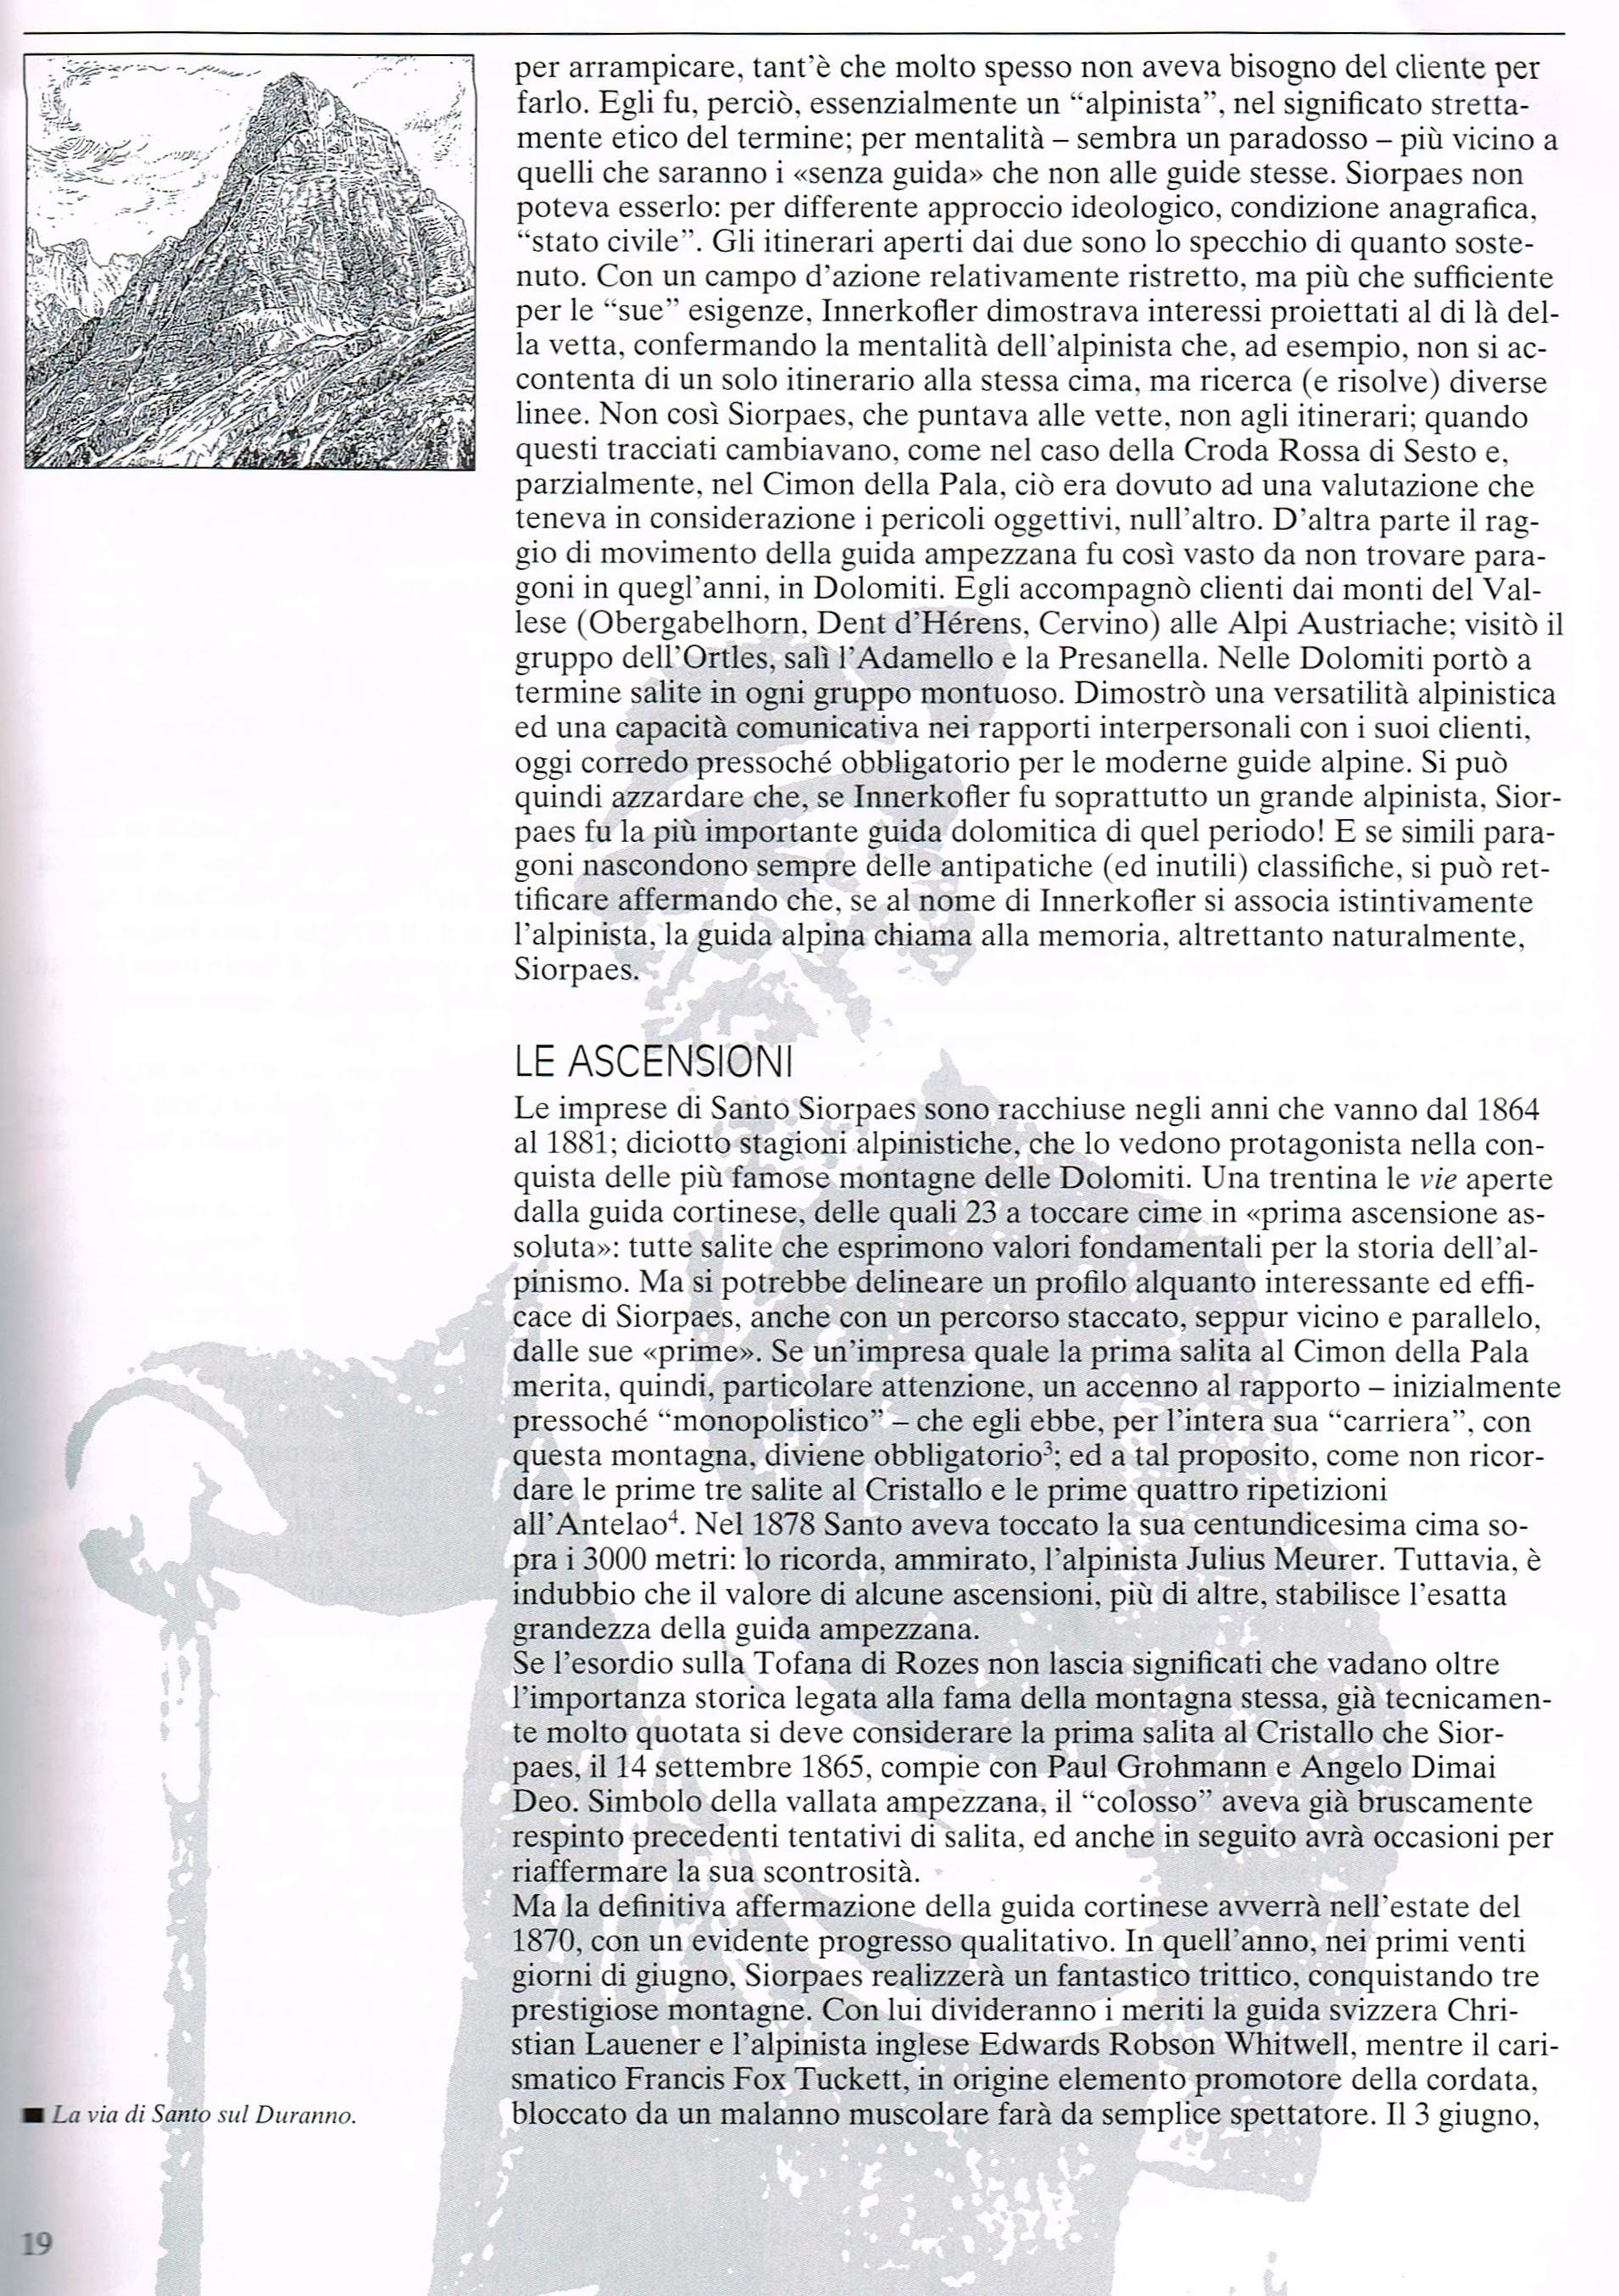 Siorpaes 3